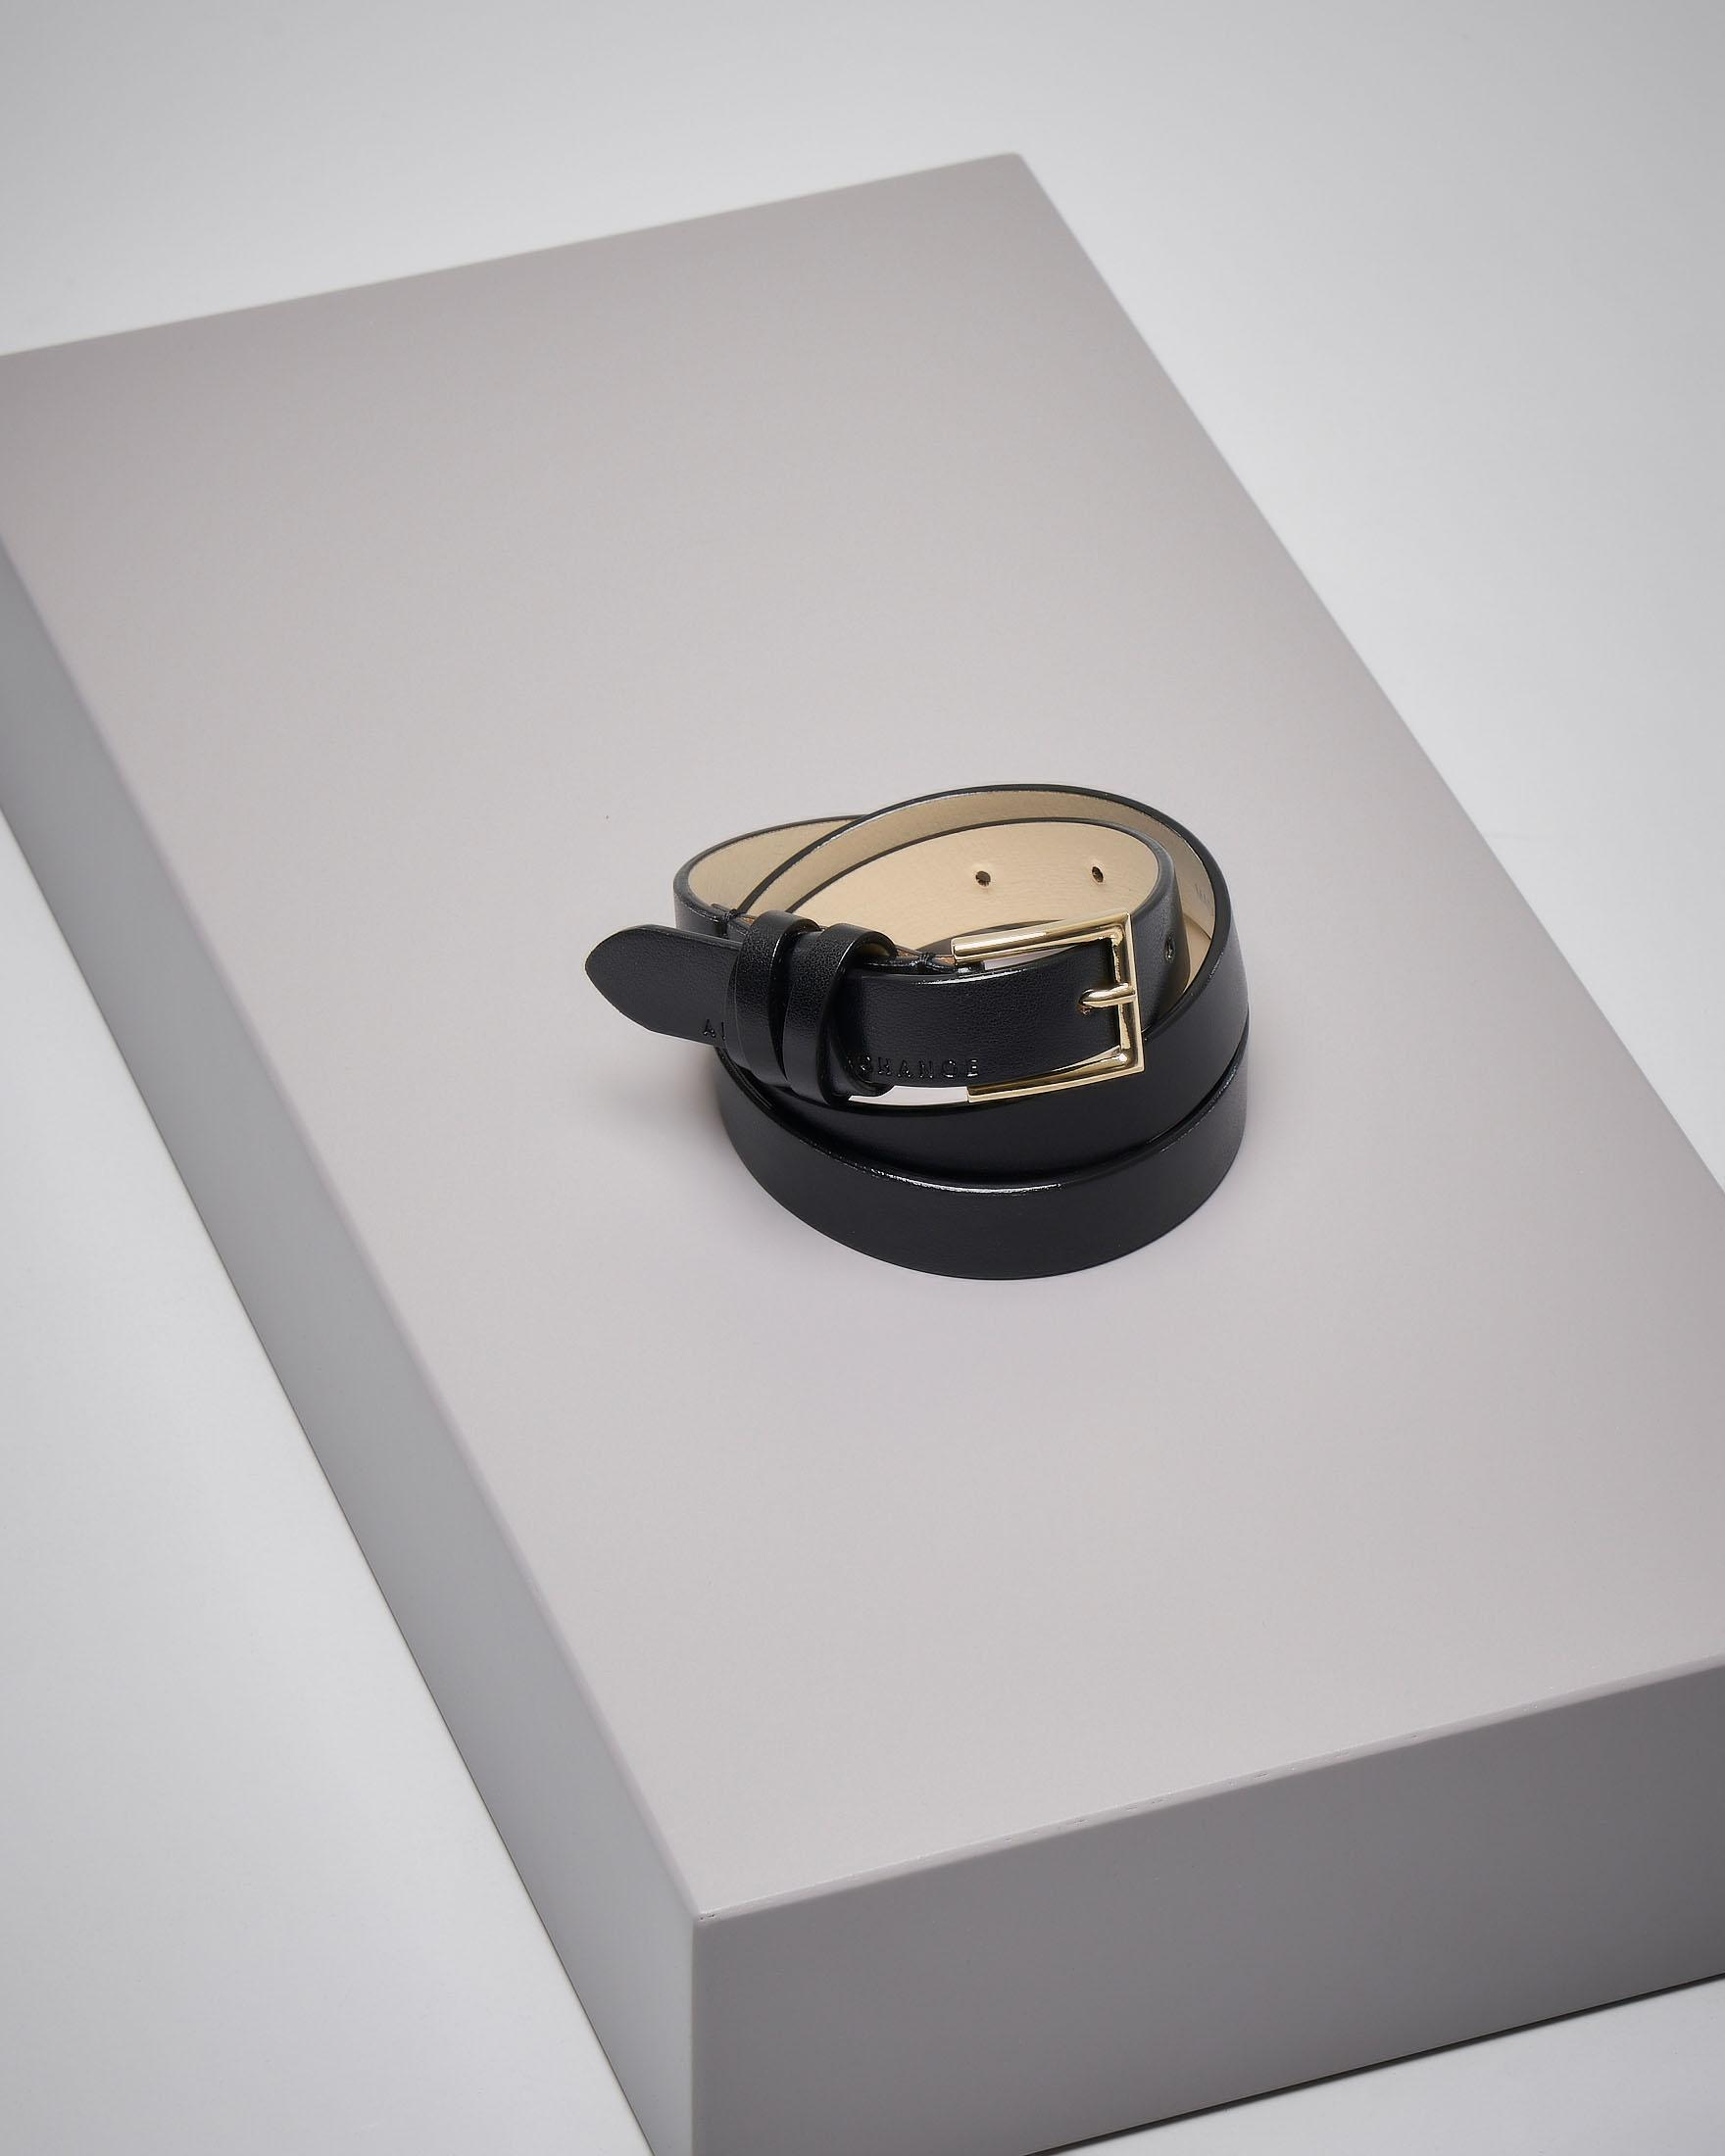 Cintura sottile in pelle nera